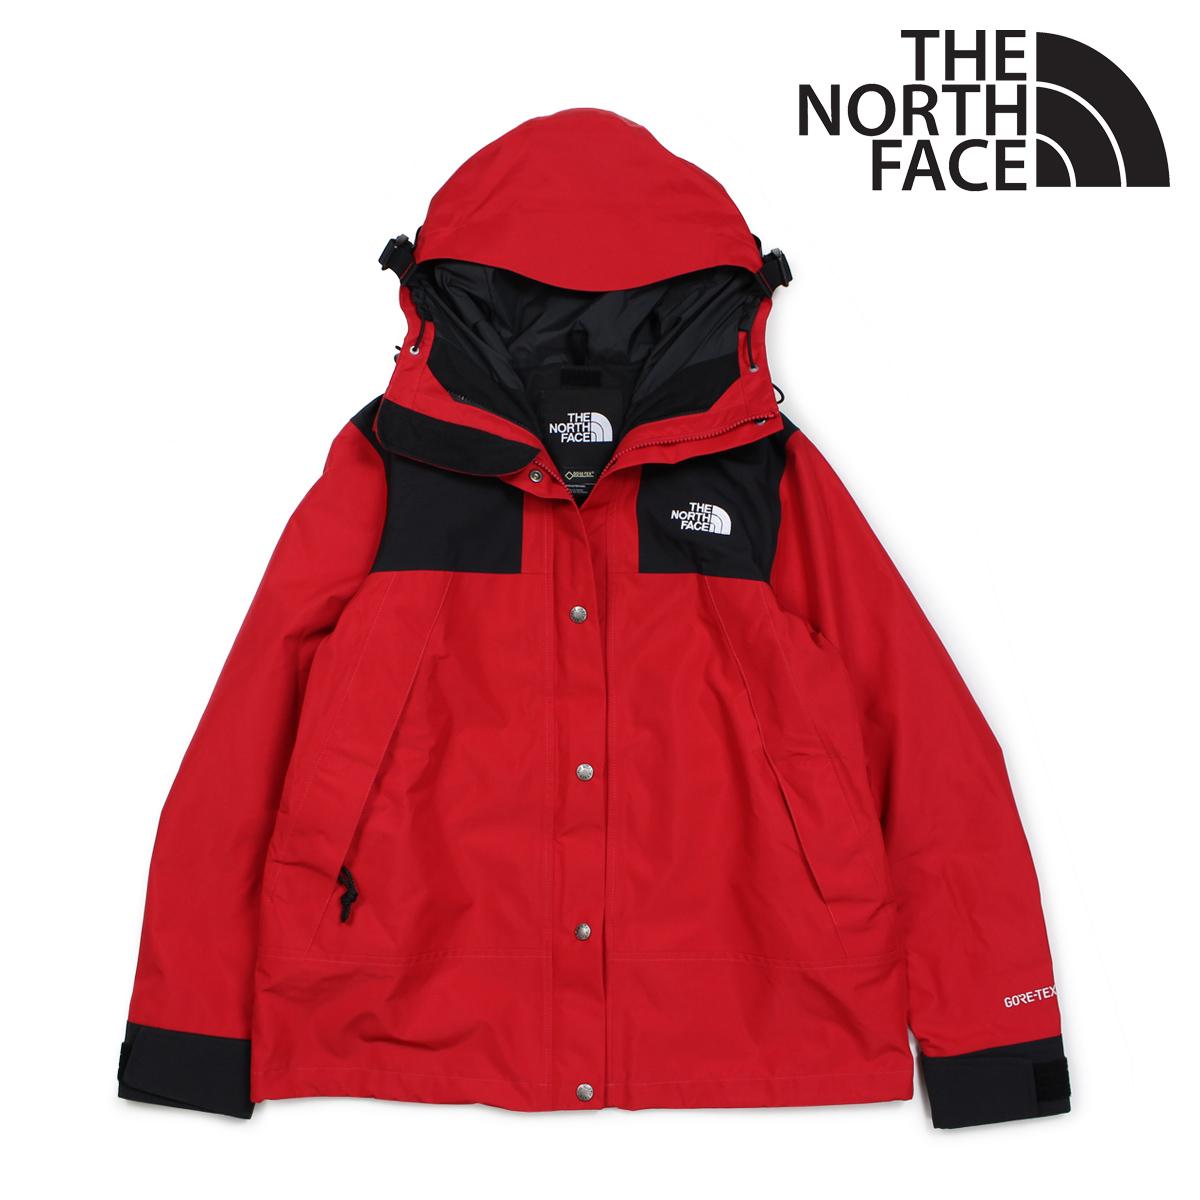 【SOLD OUT】 ノースフェイス THE NORTH FACE ジャケット ゴアテックス マウンテンジャケット レディース メンズ WOMENS 1990 MOUNTAIN JACKET GTX レッド NF0A3JPE [10/18 新入荷]